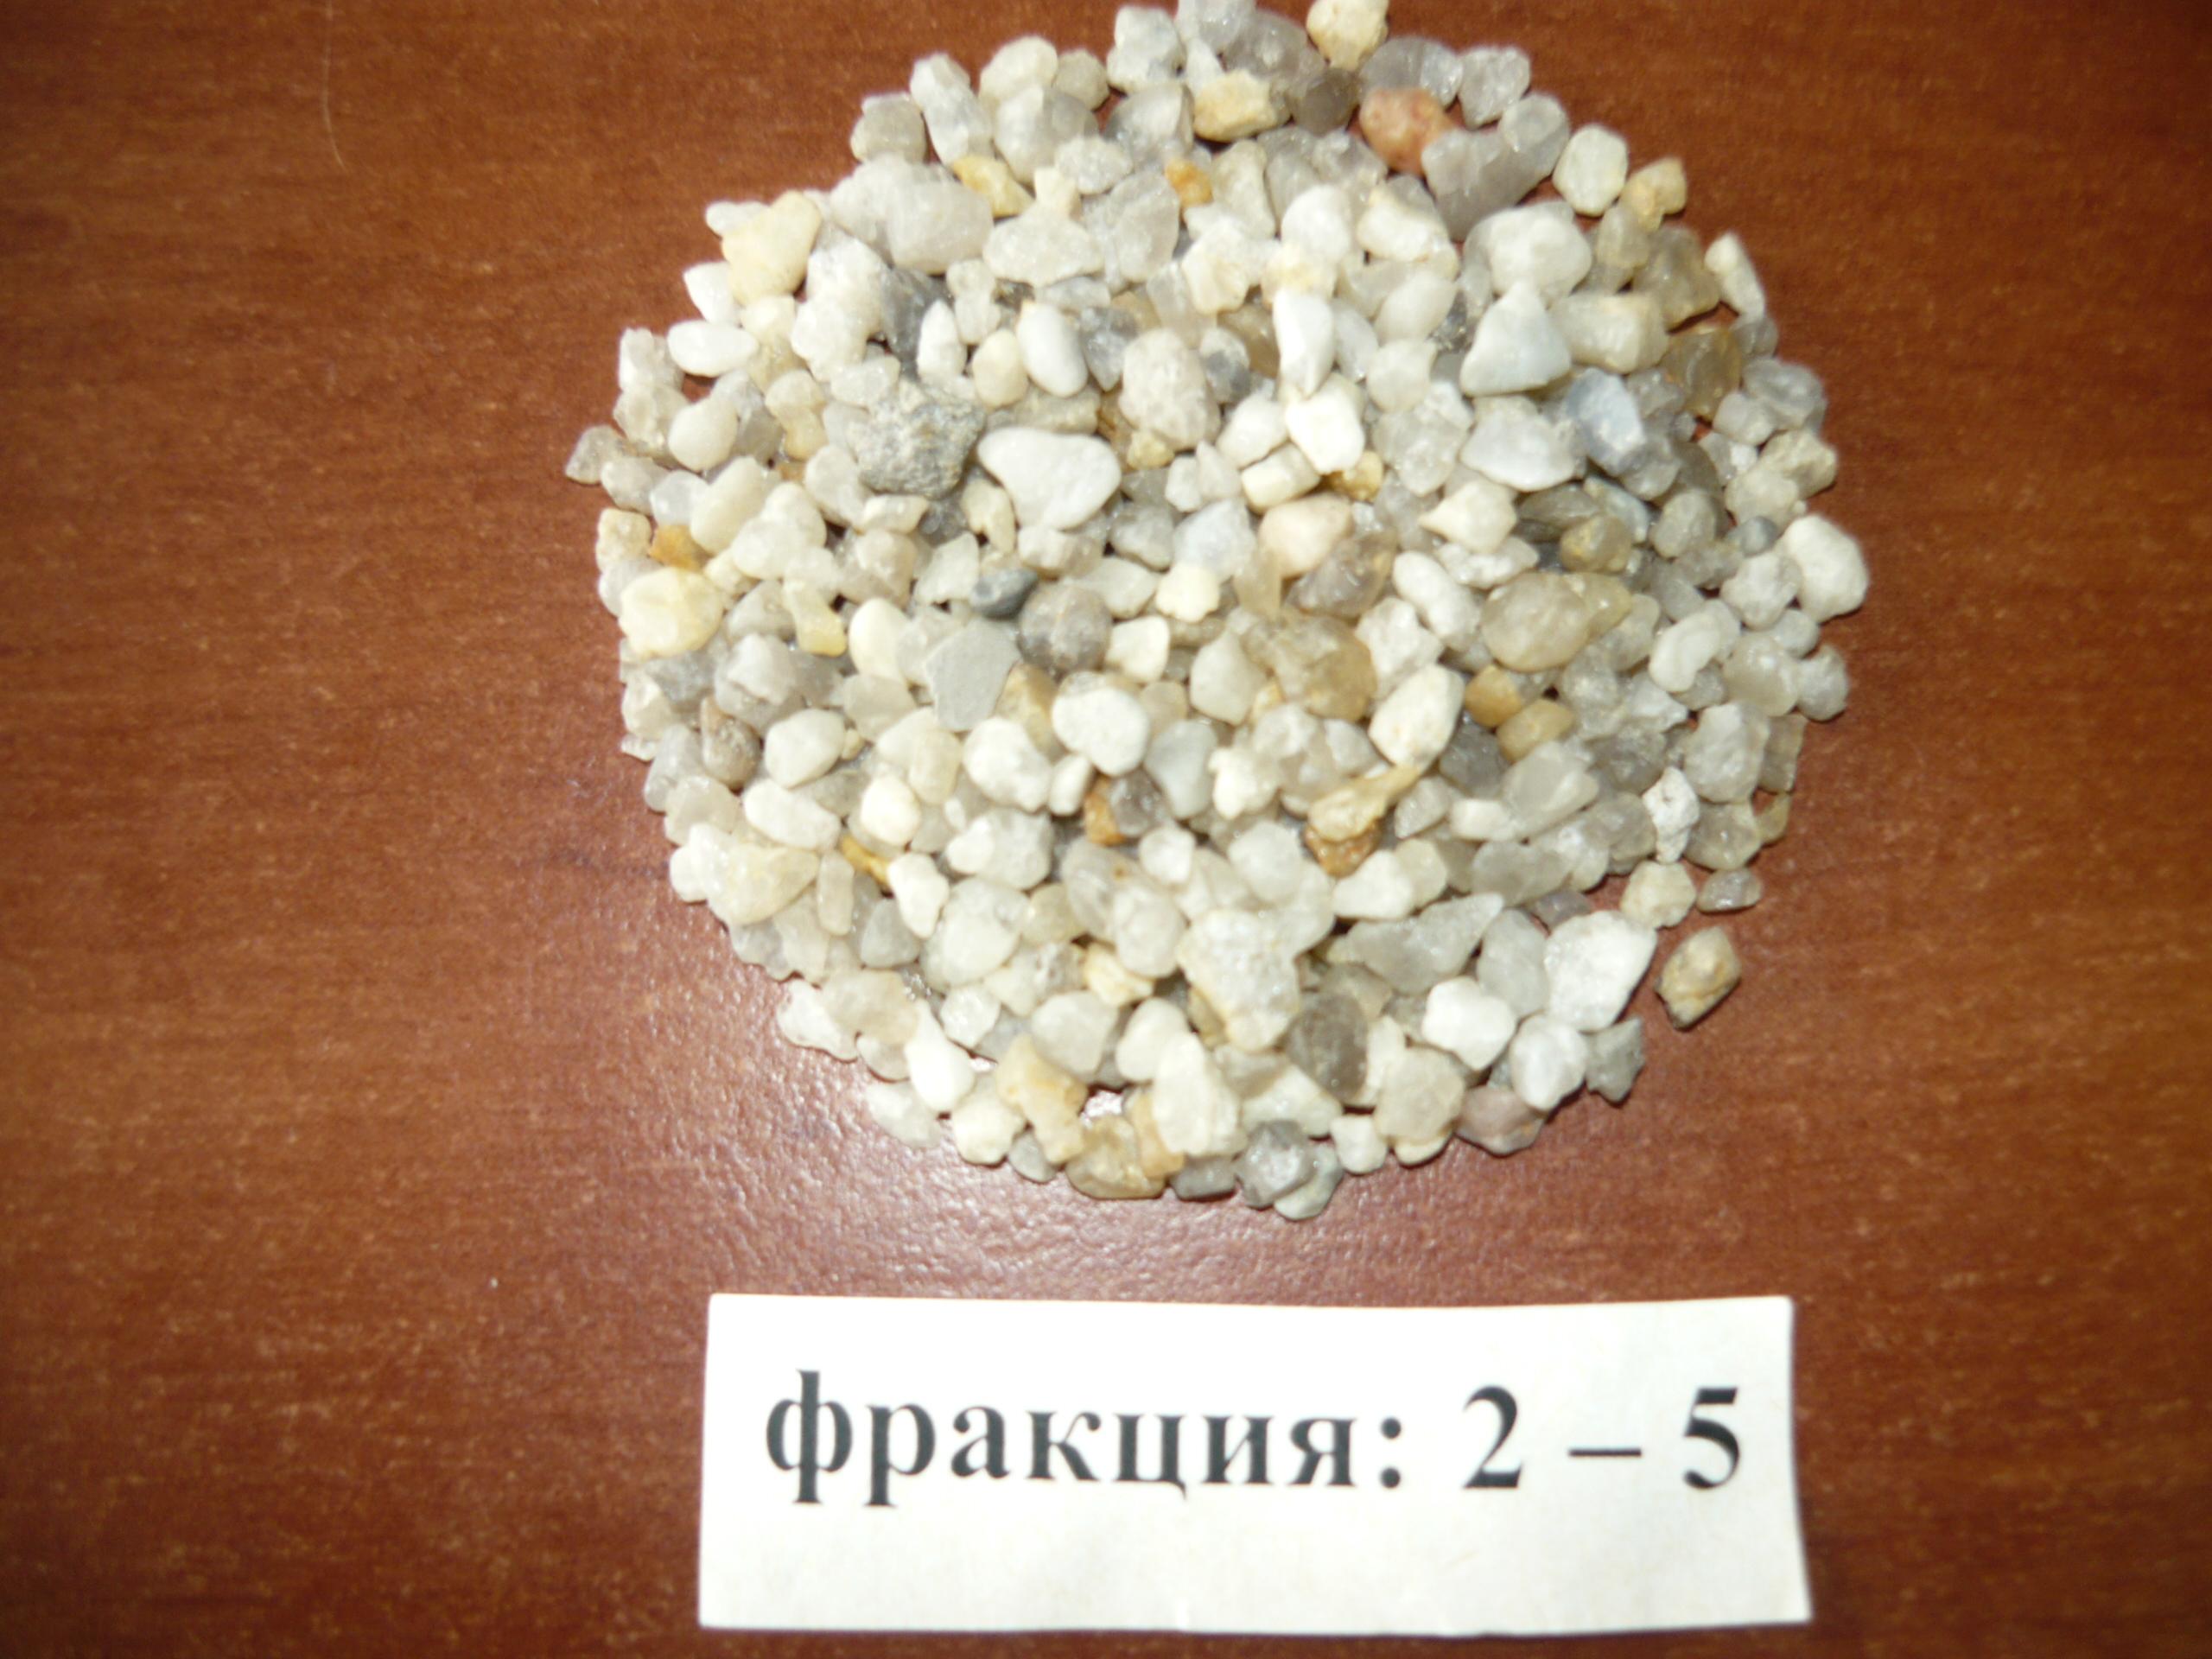 Крупный кварцевый песок для фильтра